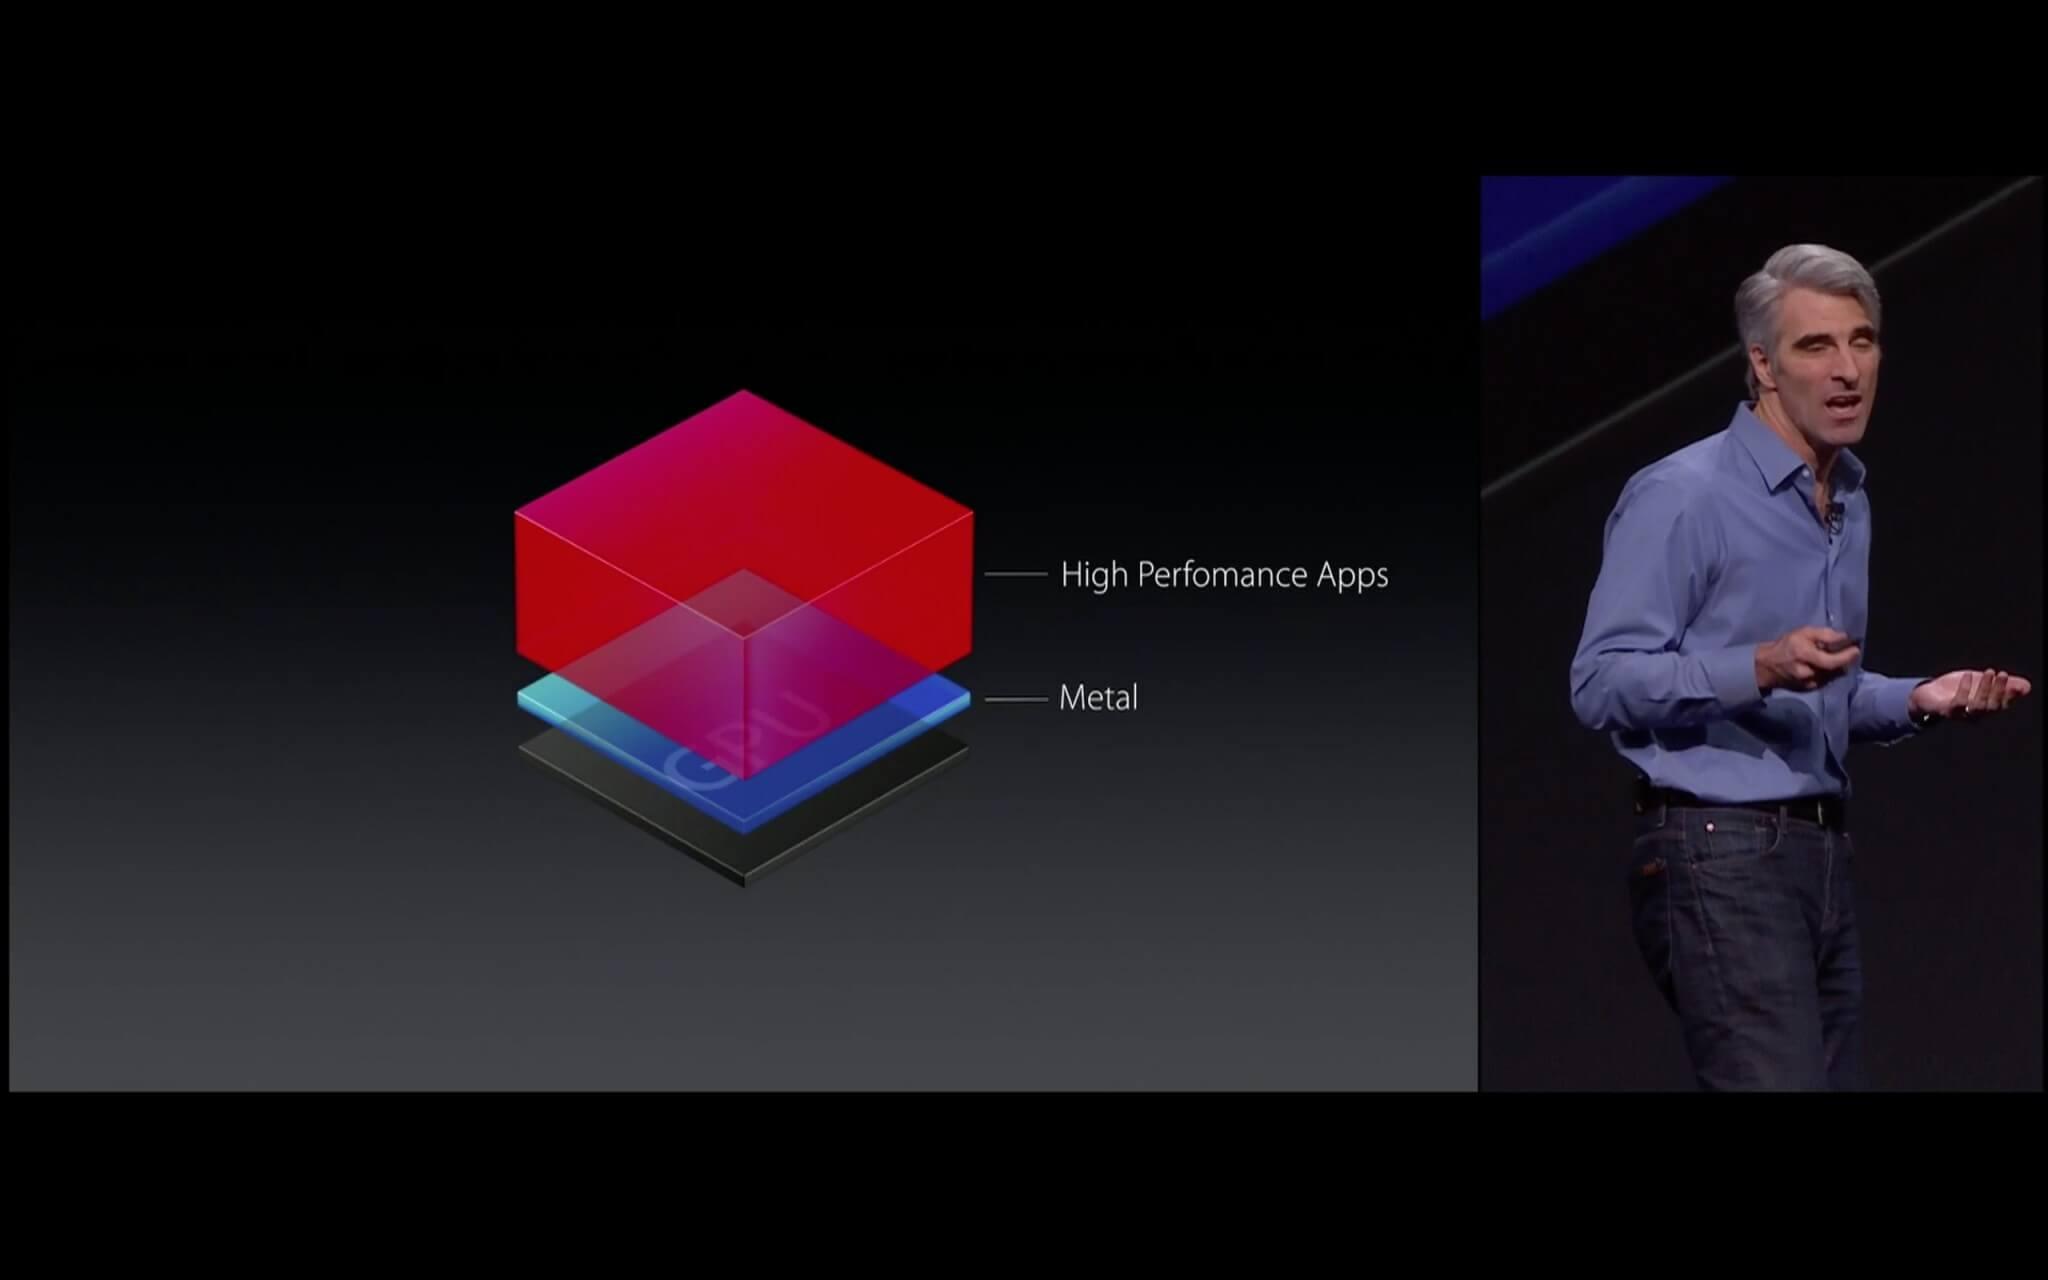 Mit Metal wird die Leistungsfähigkeit in Vergleich zu OpenGL enorm gesteigert (Bildrechte: Apple)